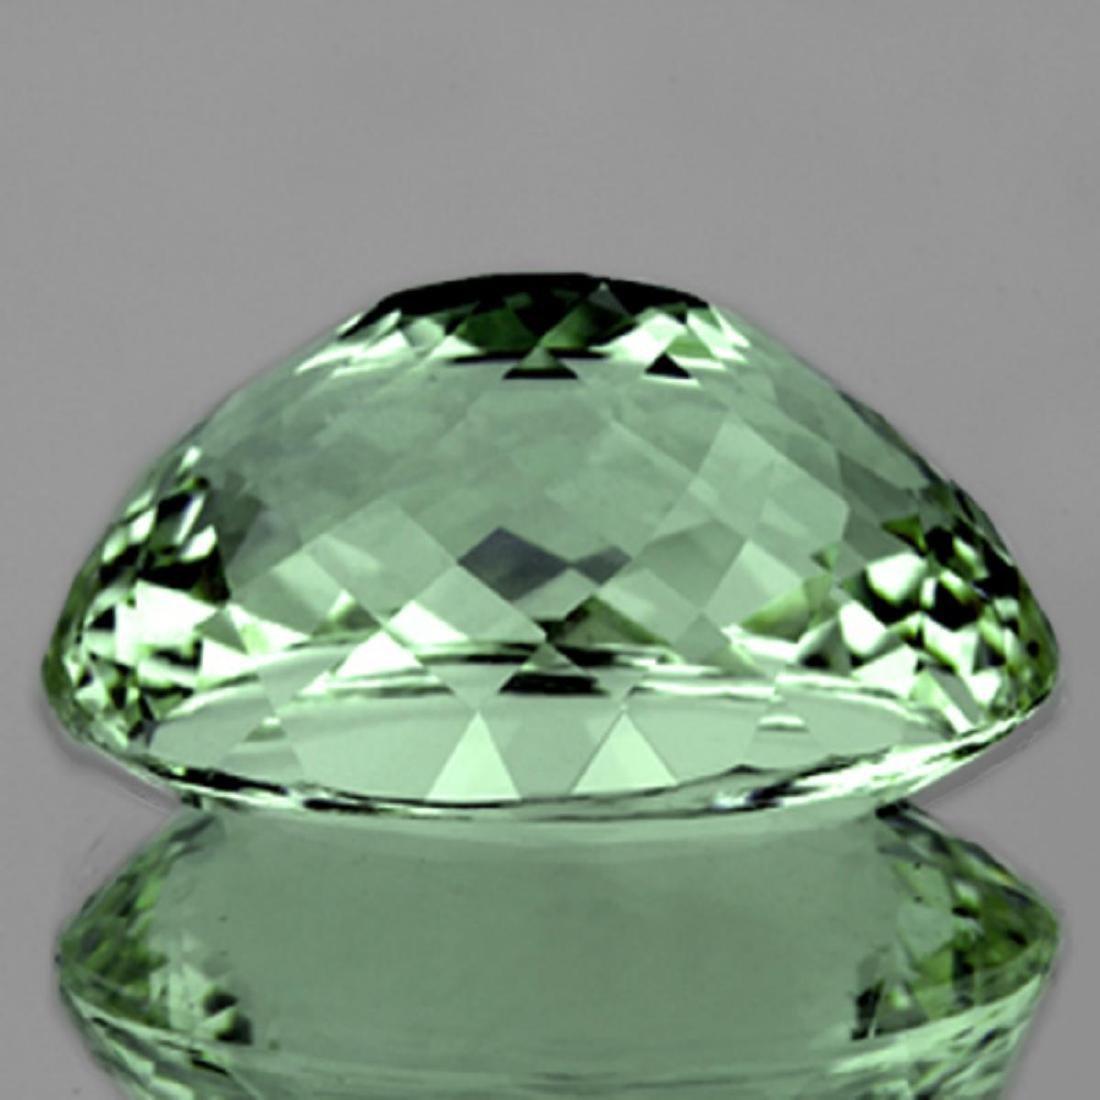 Natural Green Tea Color Green Amethyst 50.40 Cts - FL - 2